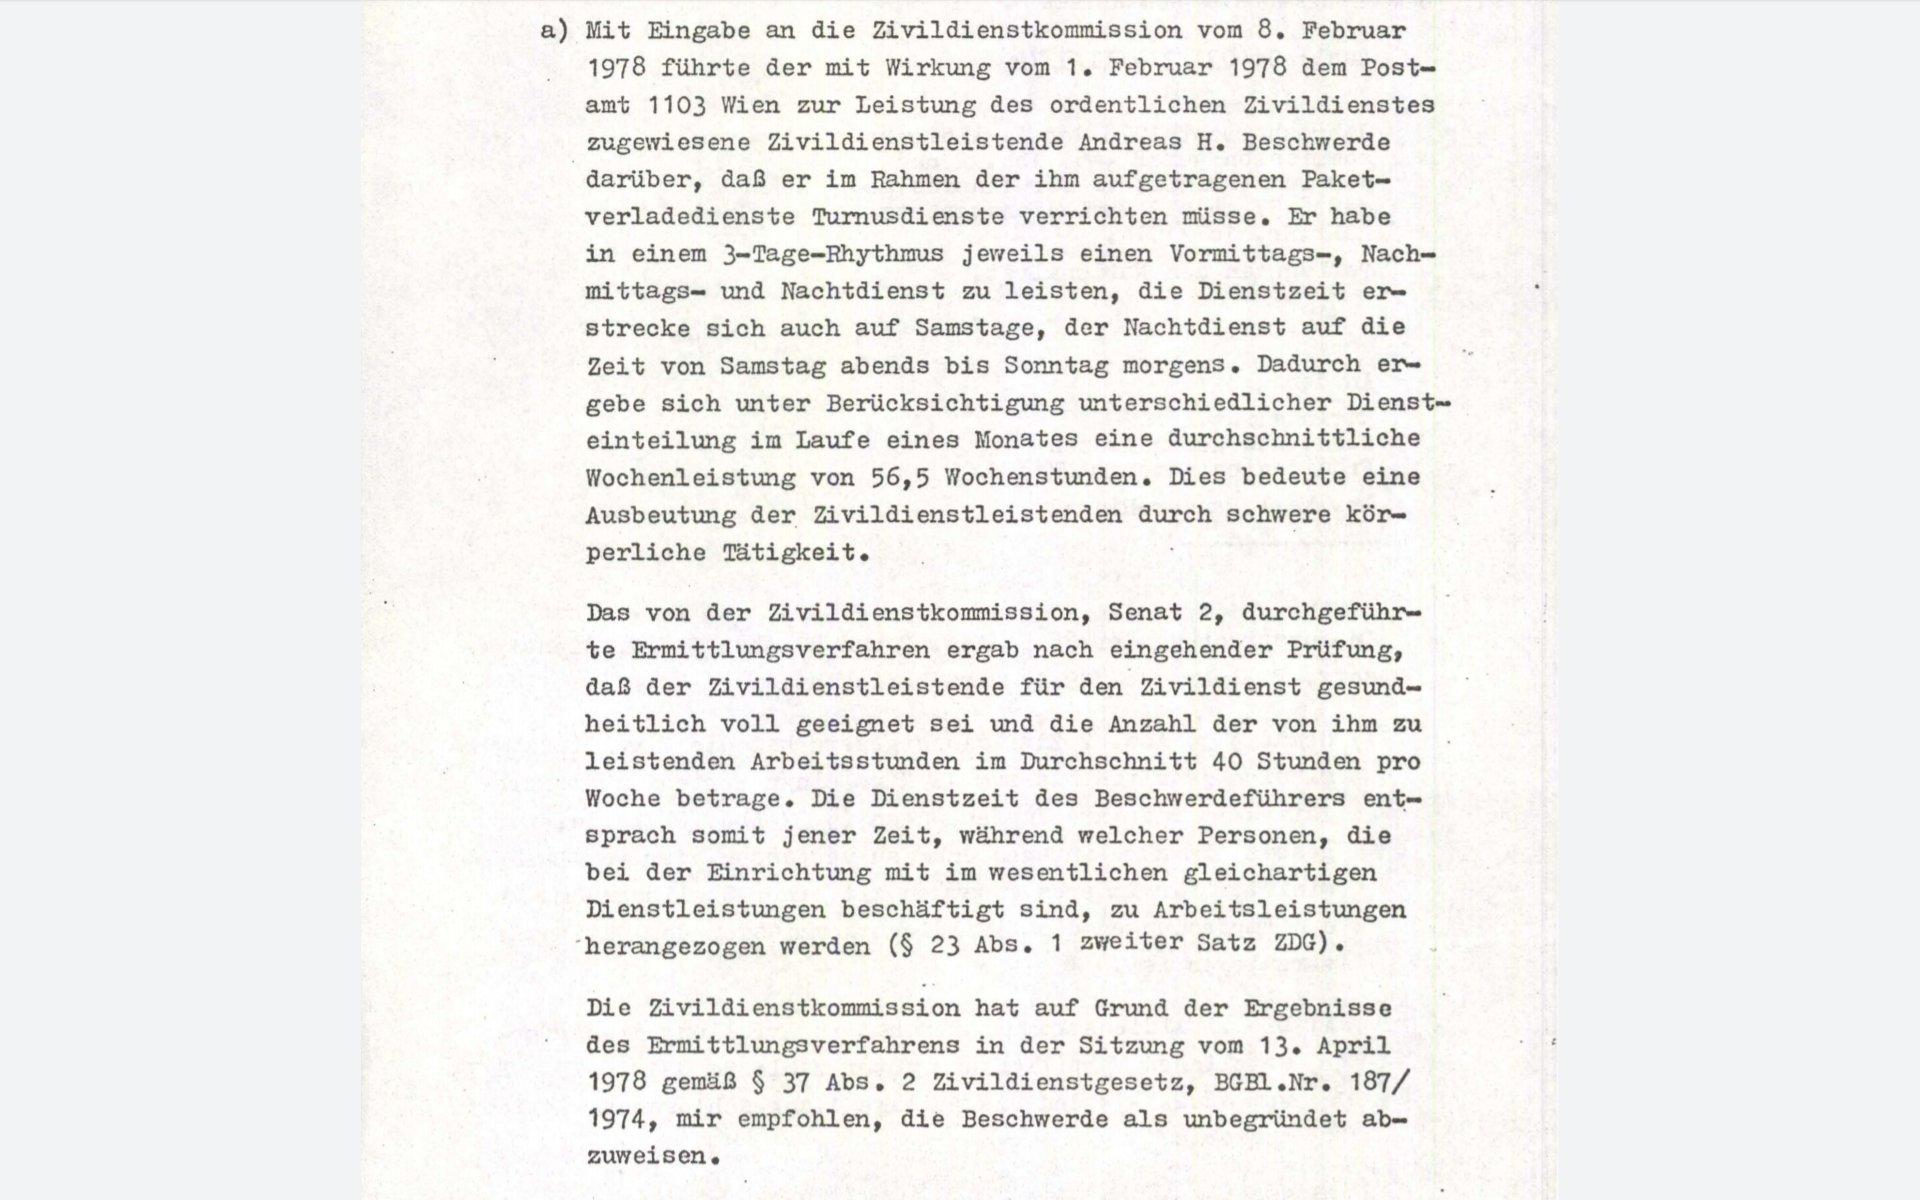 Zivildiener-Post-Paketdienste-Österreich-Parlament-Zivildienstkommission